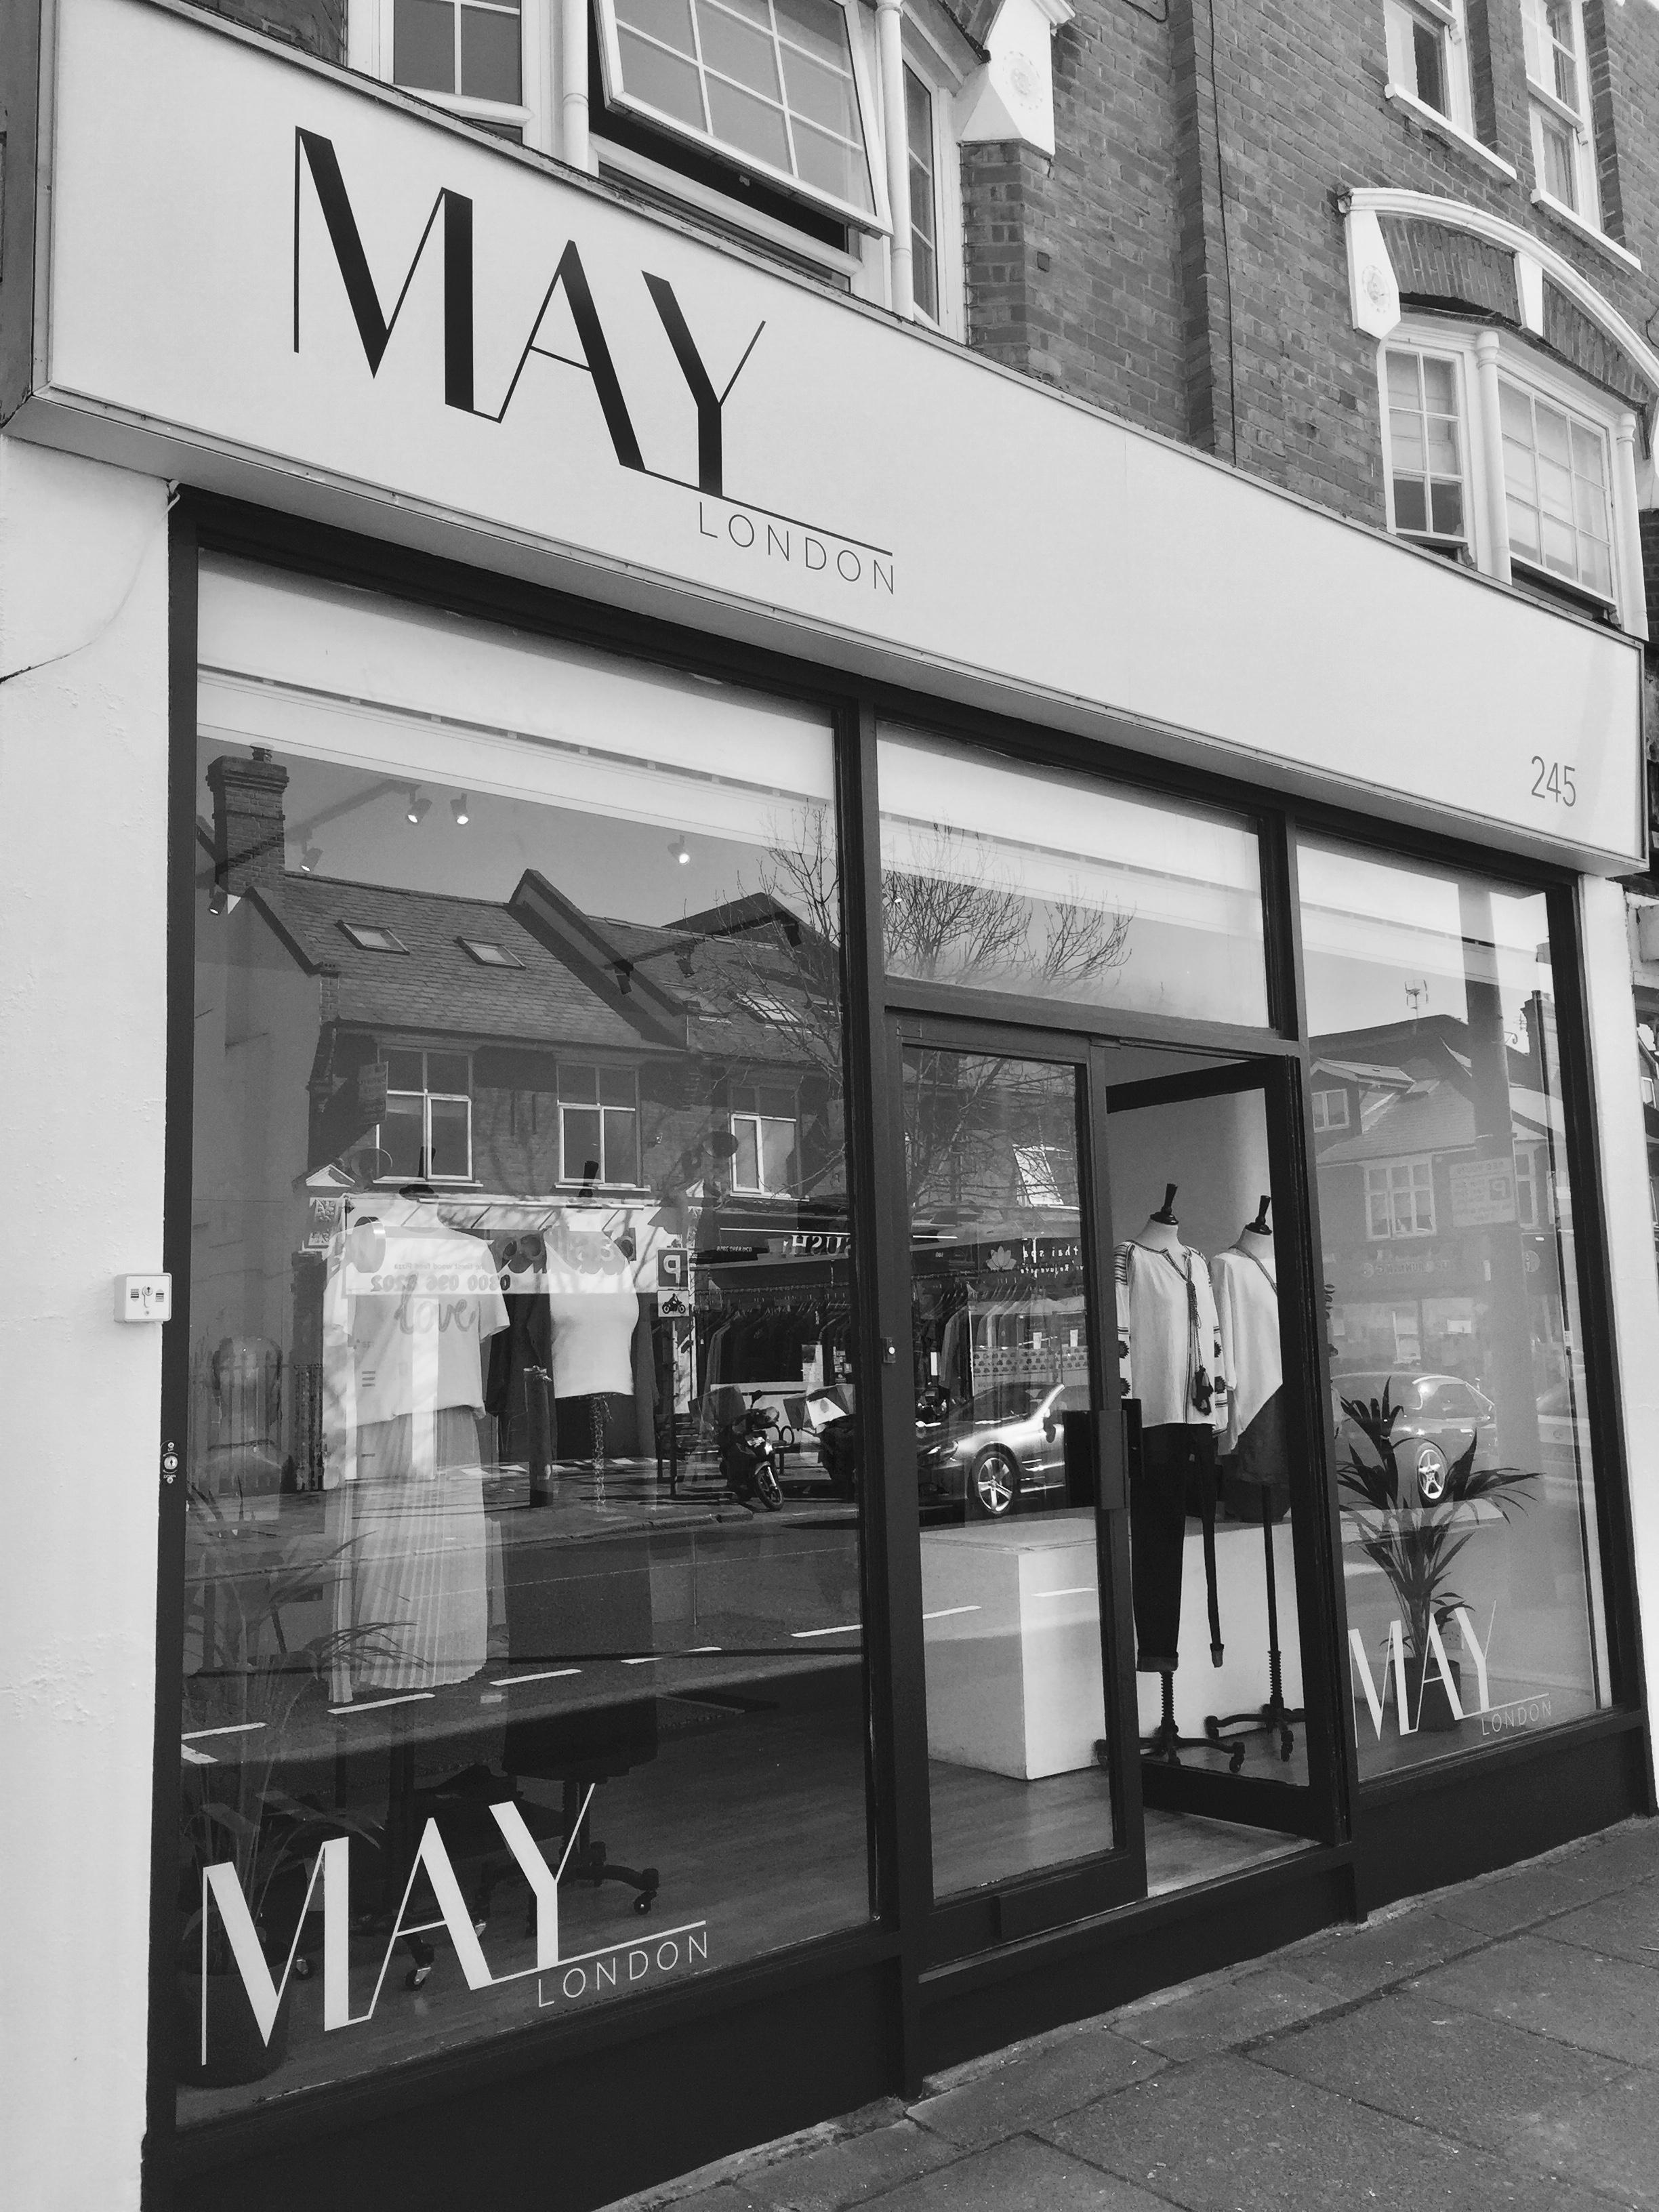 MAY London